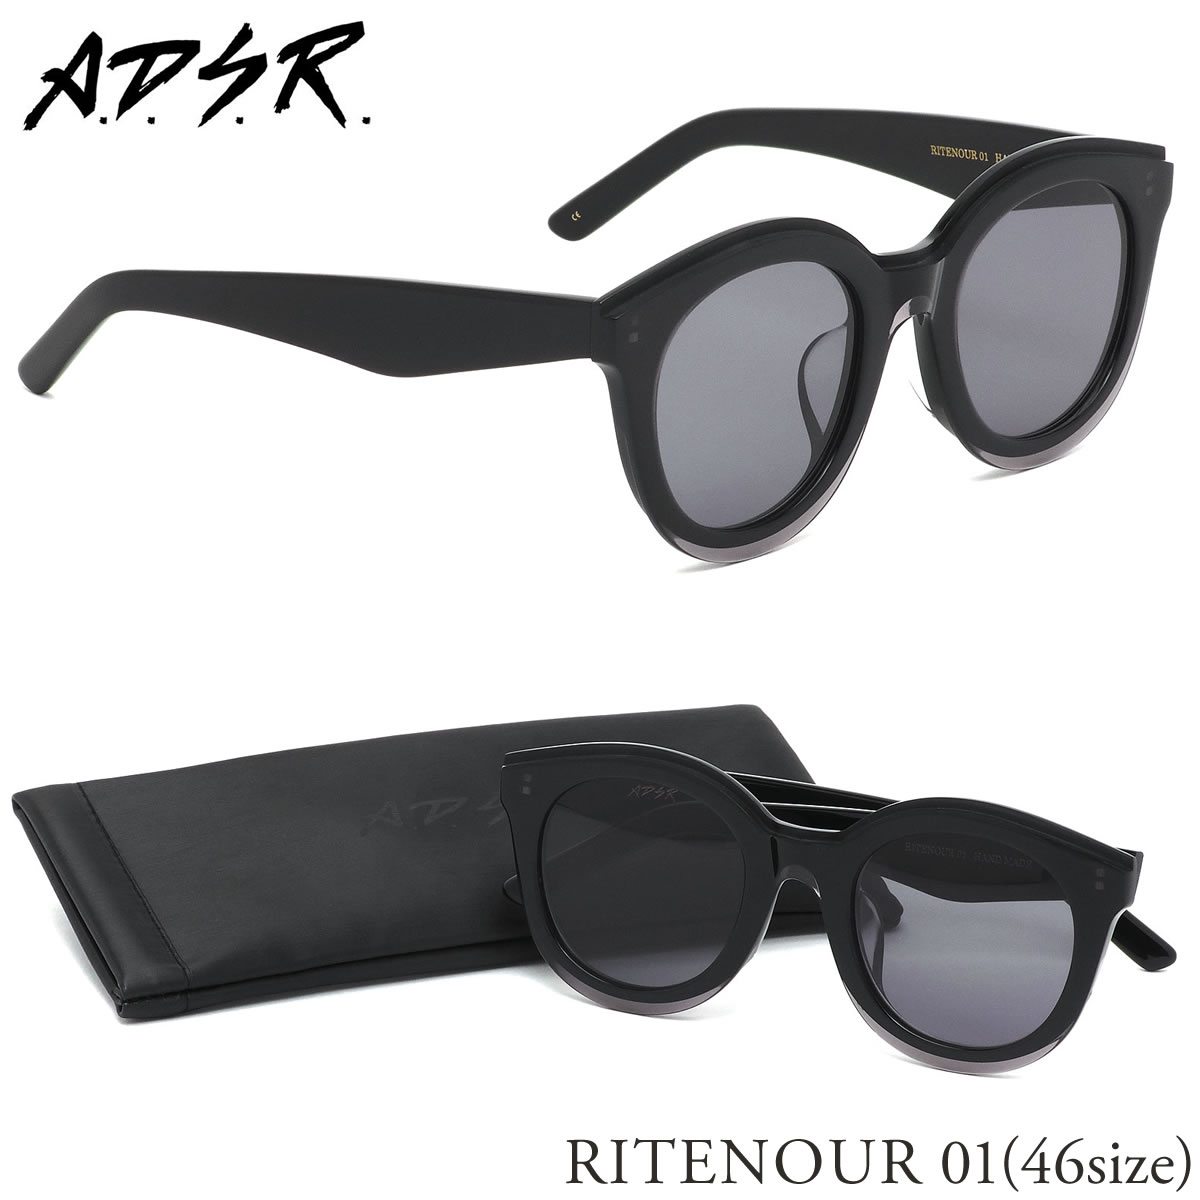 【10月30日からエントリーで全品ポイント20倍】A.D.S.R. エーディーエスアール サングラスRITENOUR 01 46サイズリトナー フラットレンズ ボスリントン アジアンフィット ブラック メンズ レディース